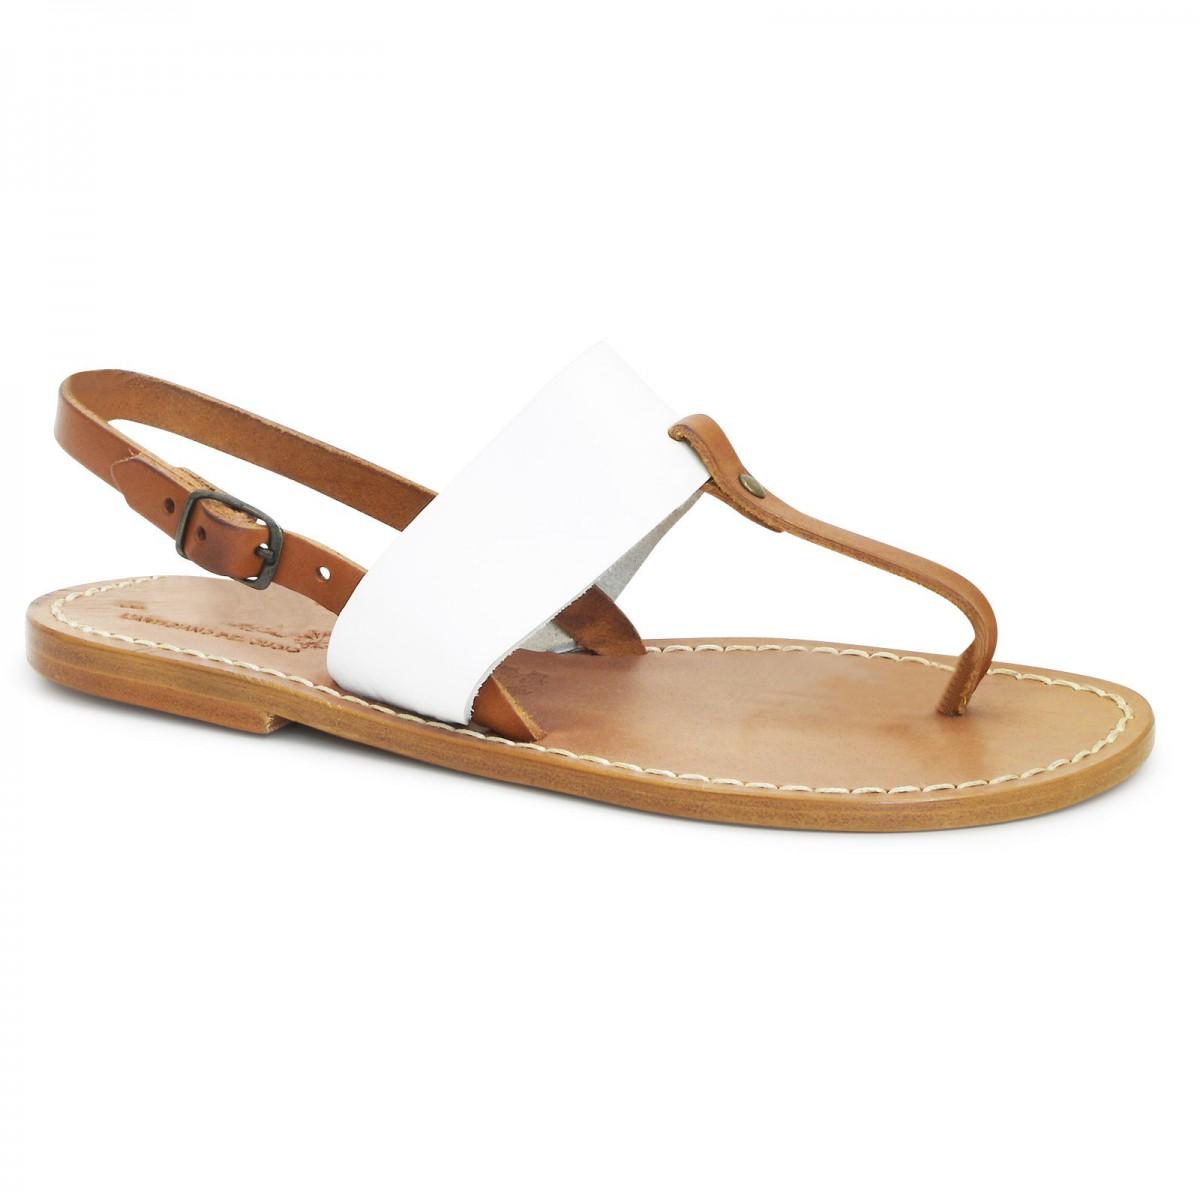 new styles f71b5 e09a8 Zweifarbige Damen-Flip-Flops aus braunem und weißem Leder